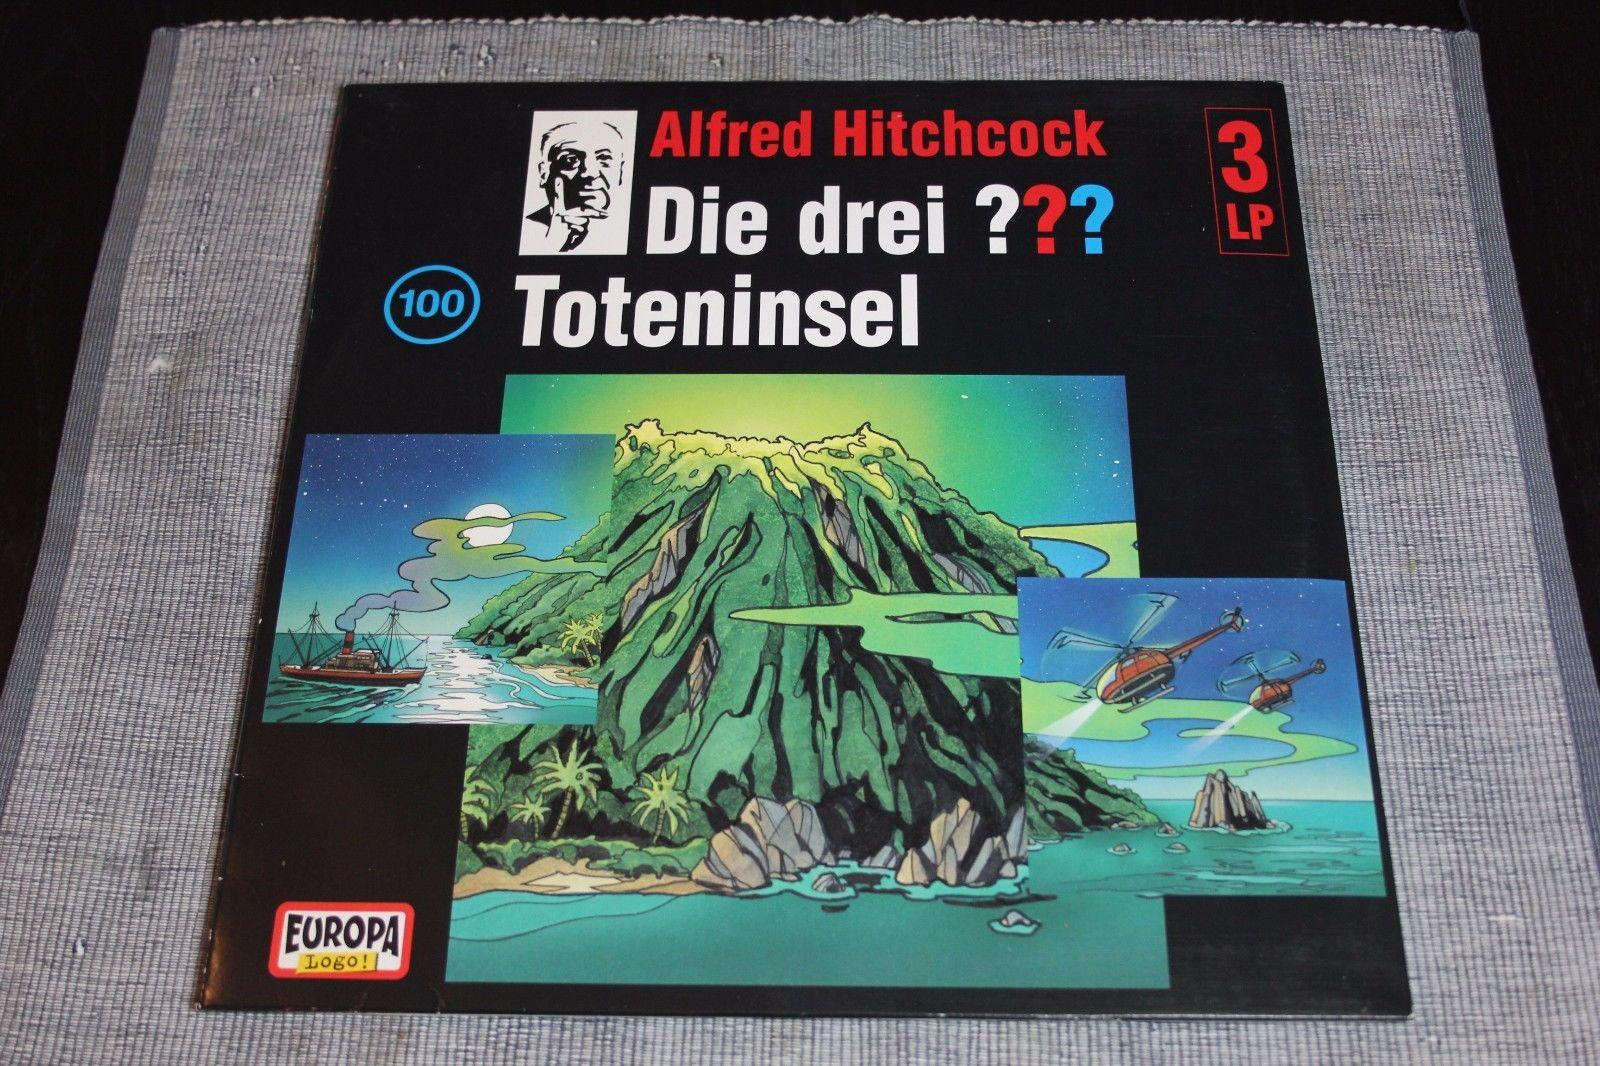 Die Drei Fragezeichen - Toteninsel 3LP Vinyl Folge 100 ???